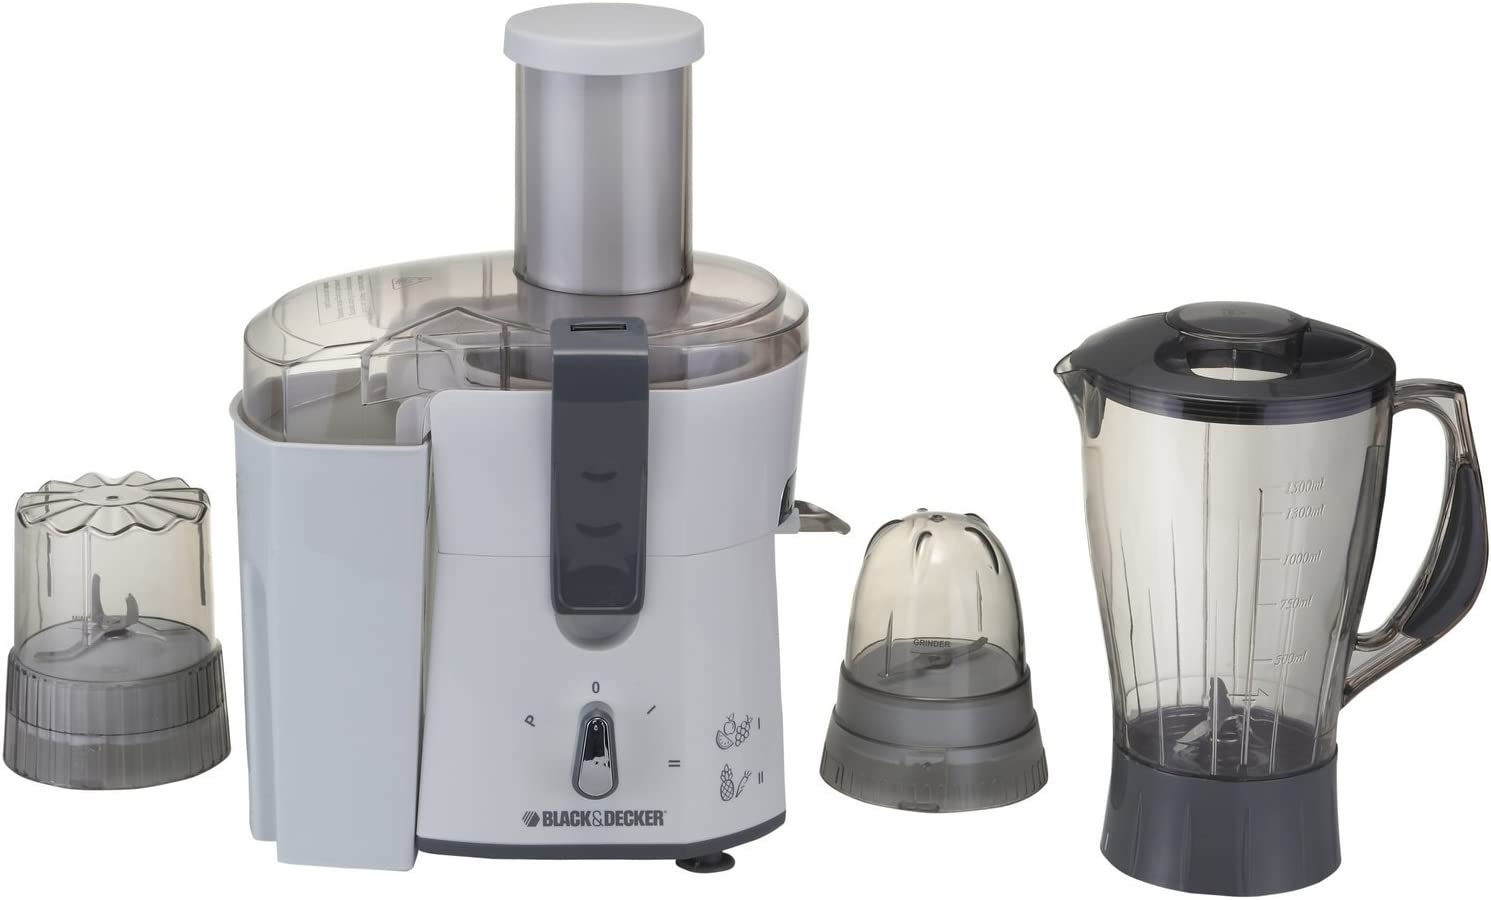 Black & Decker JBGM600-220V Four-in-One Juicer, Blender & Grinder Only 220/240 Volt (Will not Work in USA or Canada), Medium, White